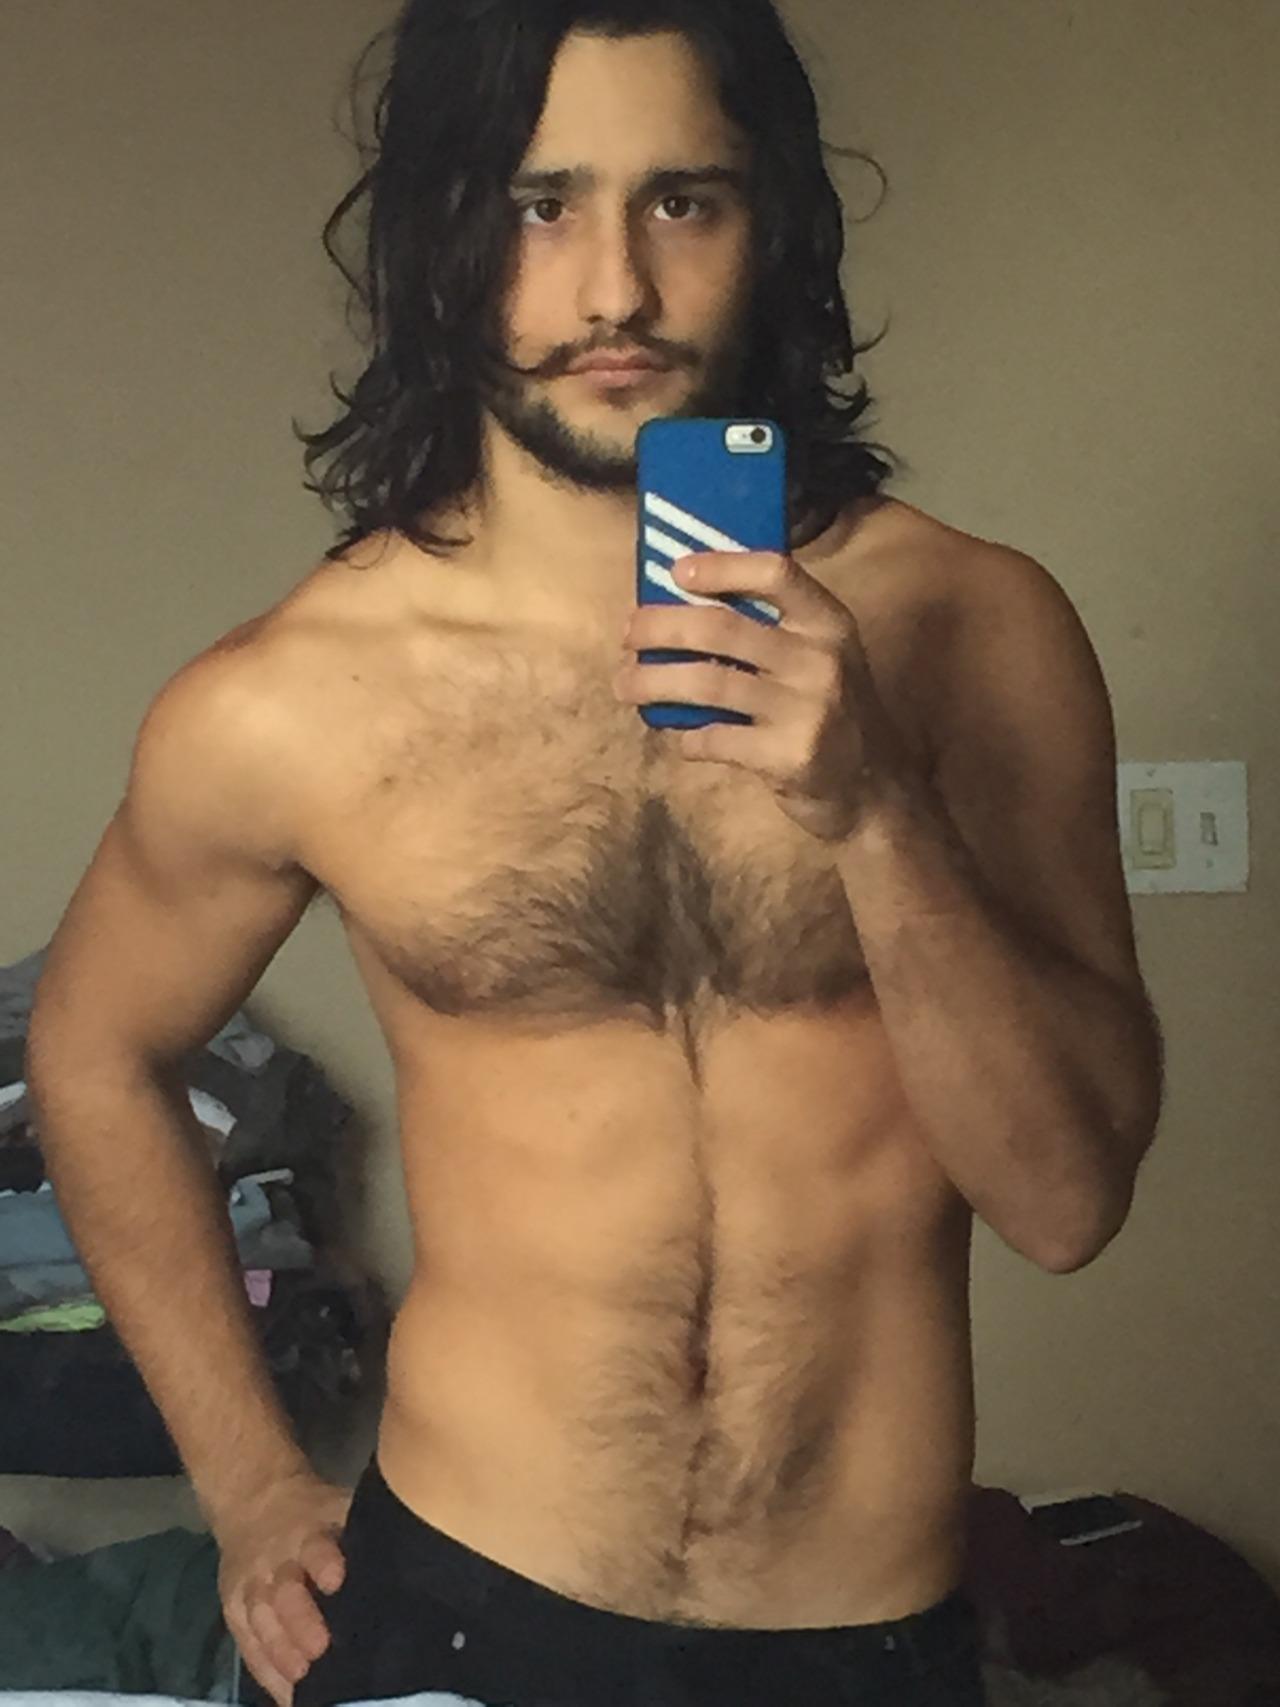 Gay latino boys with long hair